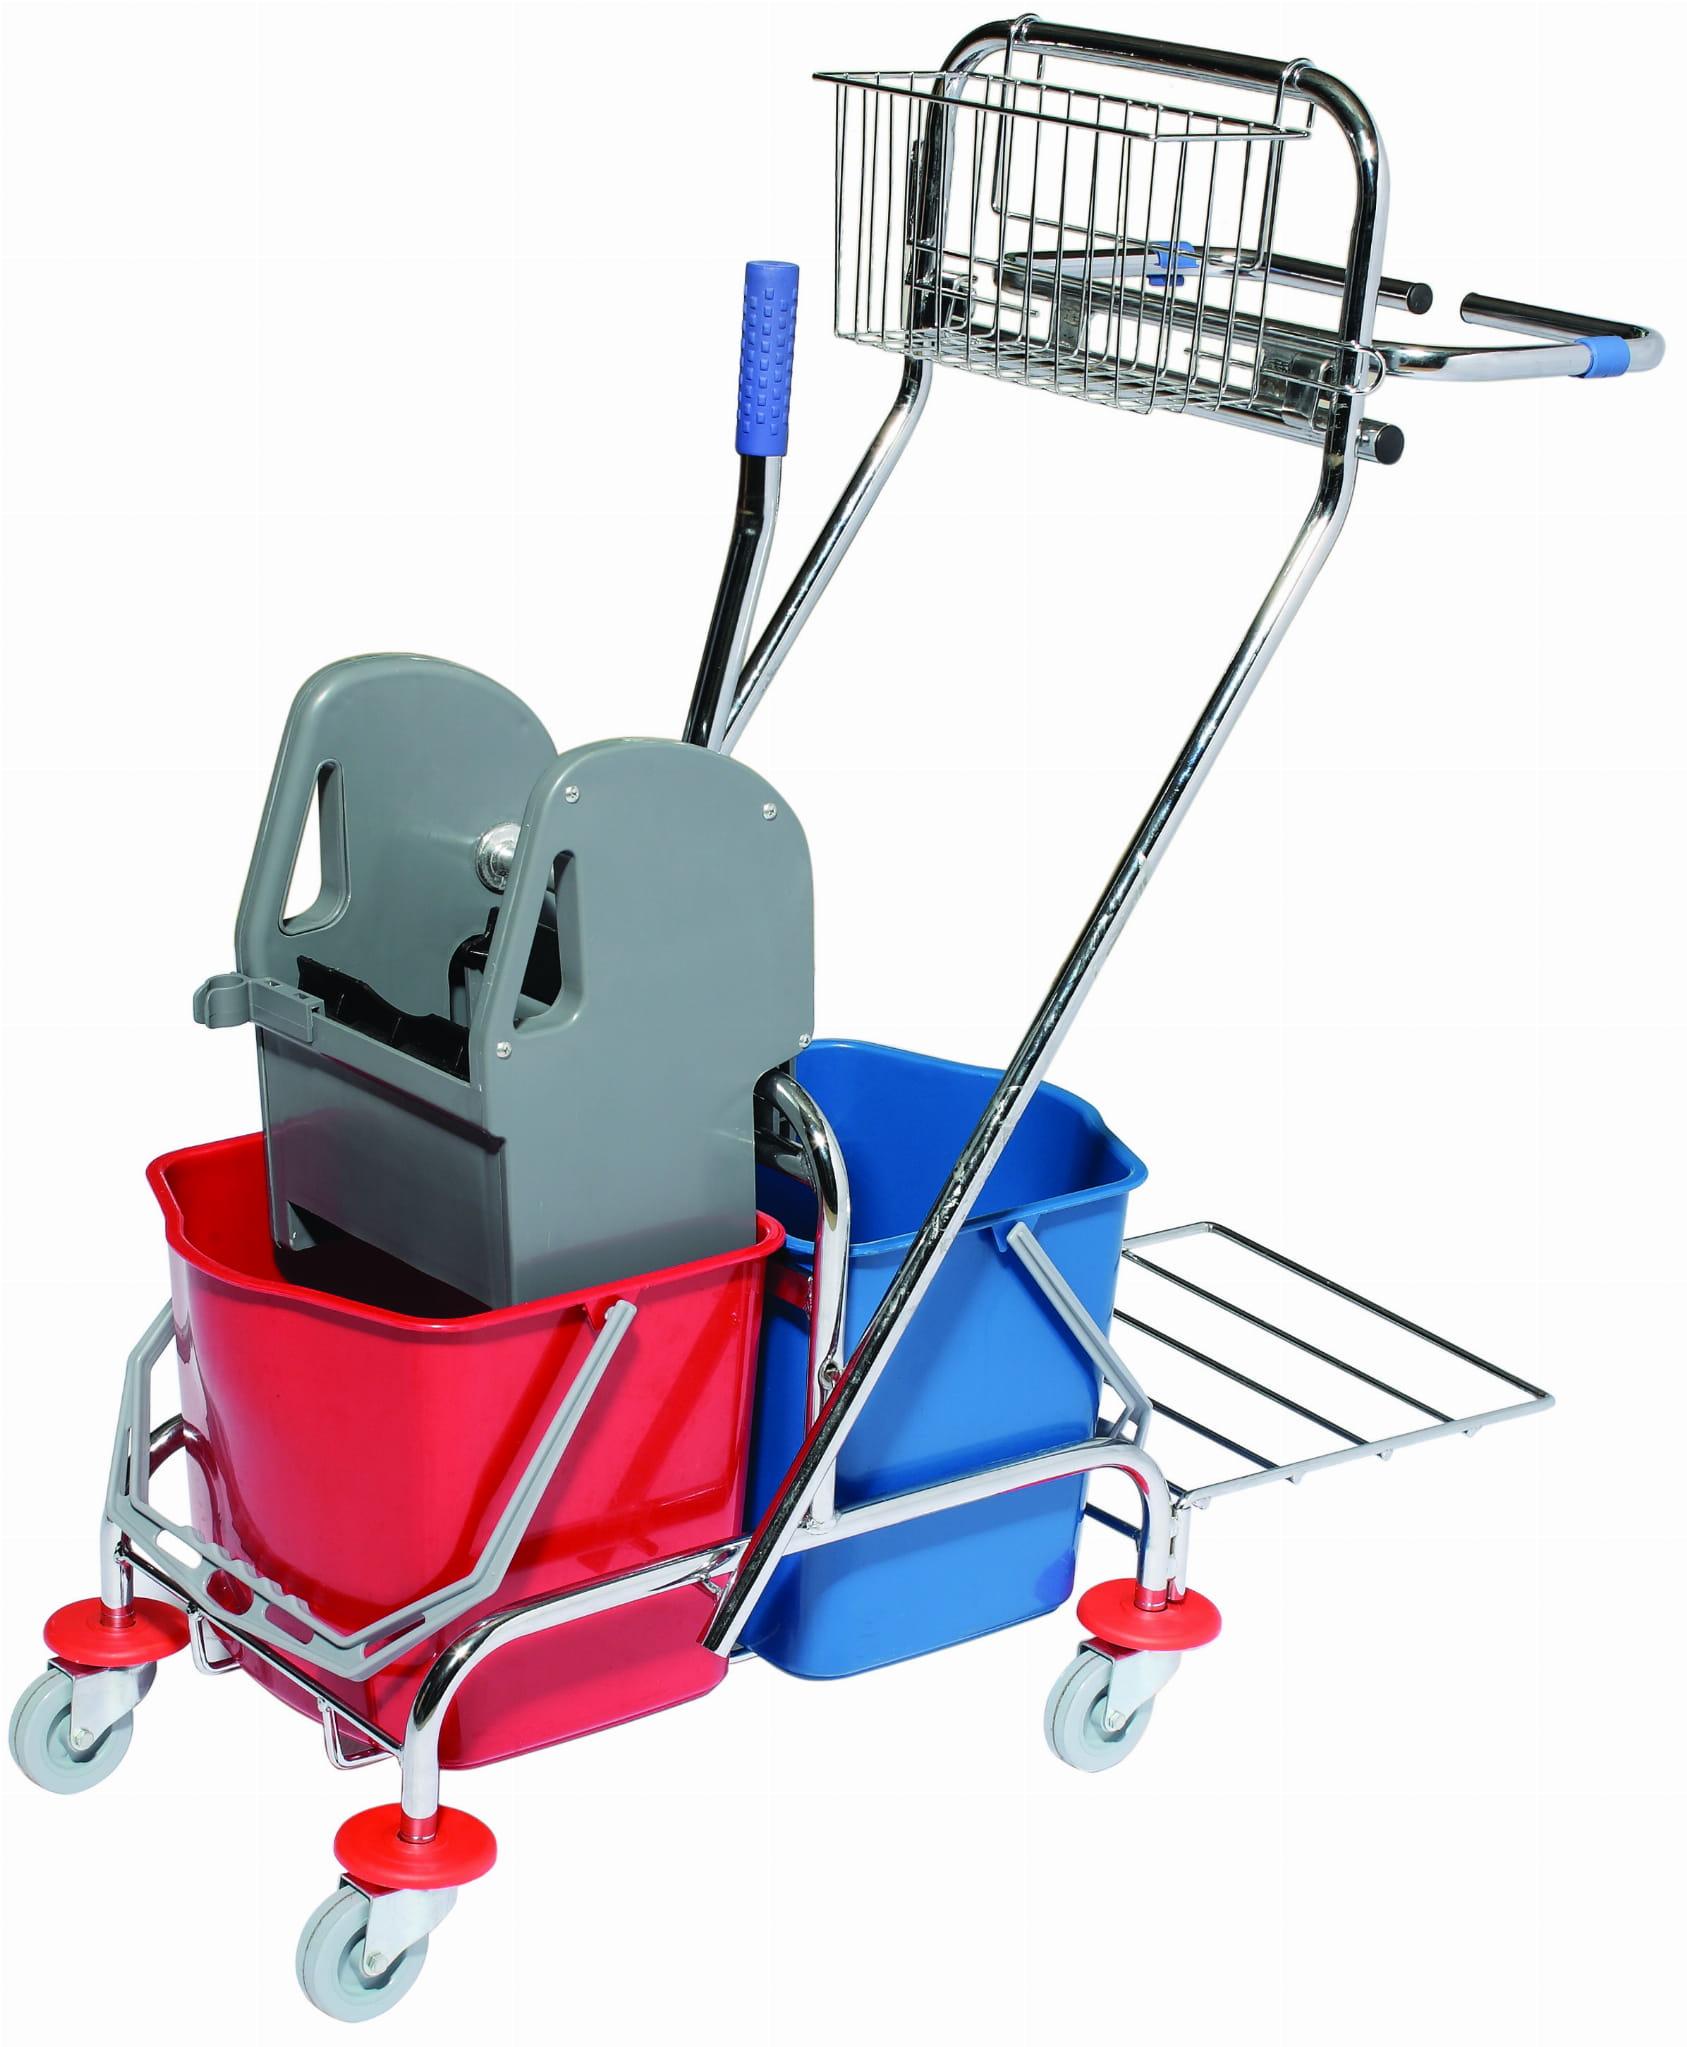 Wózek do sprzątania 2 x 17 L chrom wyciskarka koszyk uchwyt worka